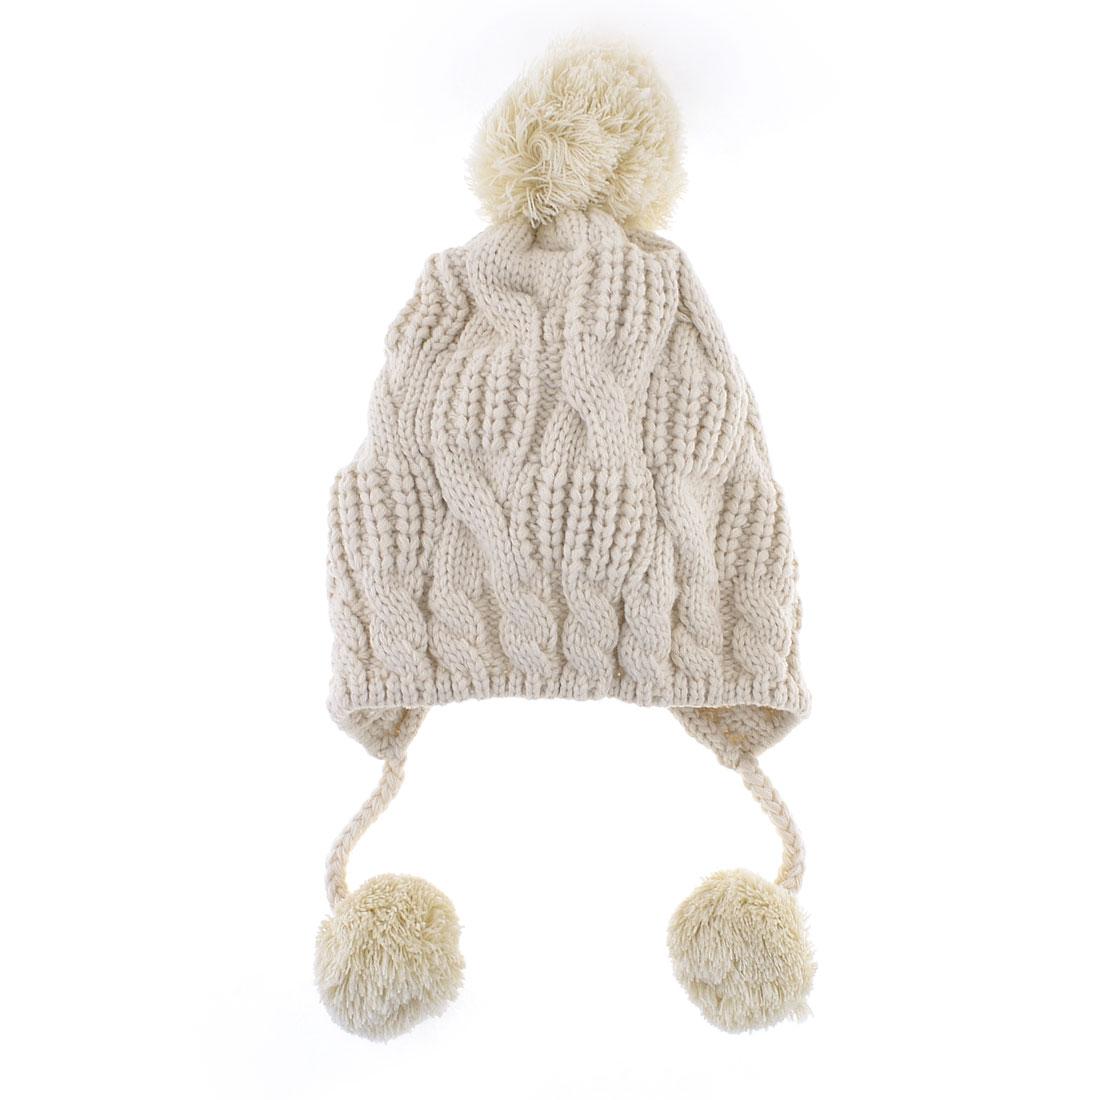 Woman Beige 3 Pom-Pom Decor Winter Warmer Knitted Hat